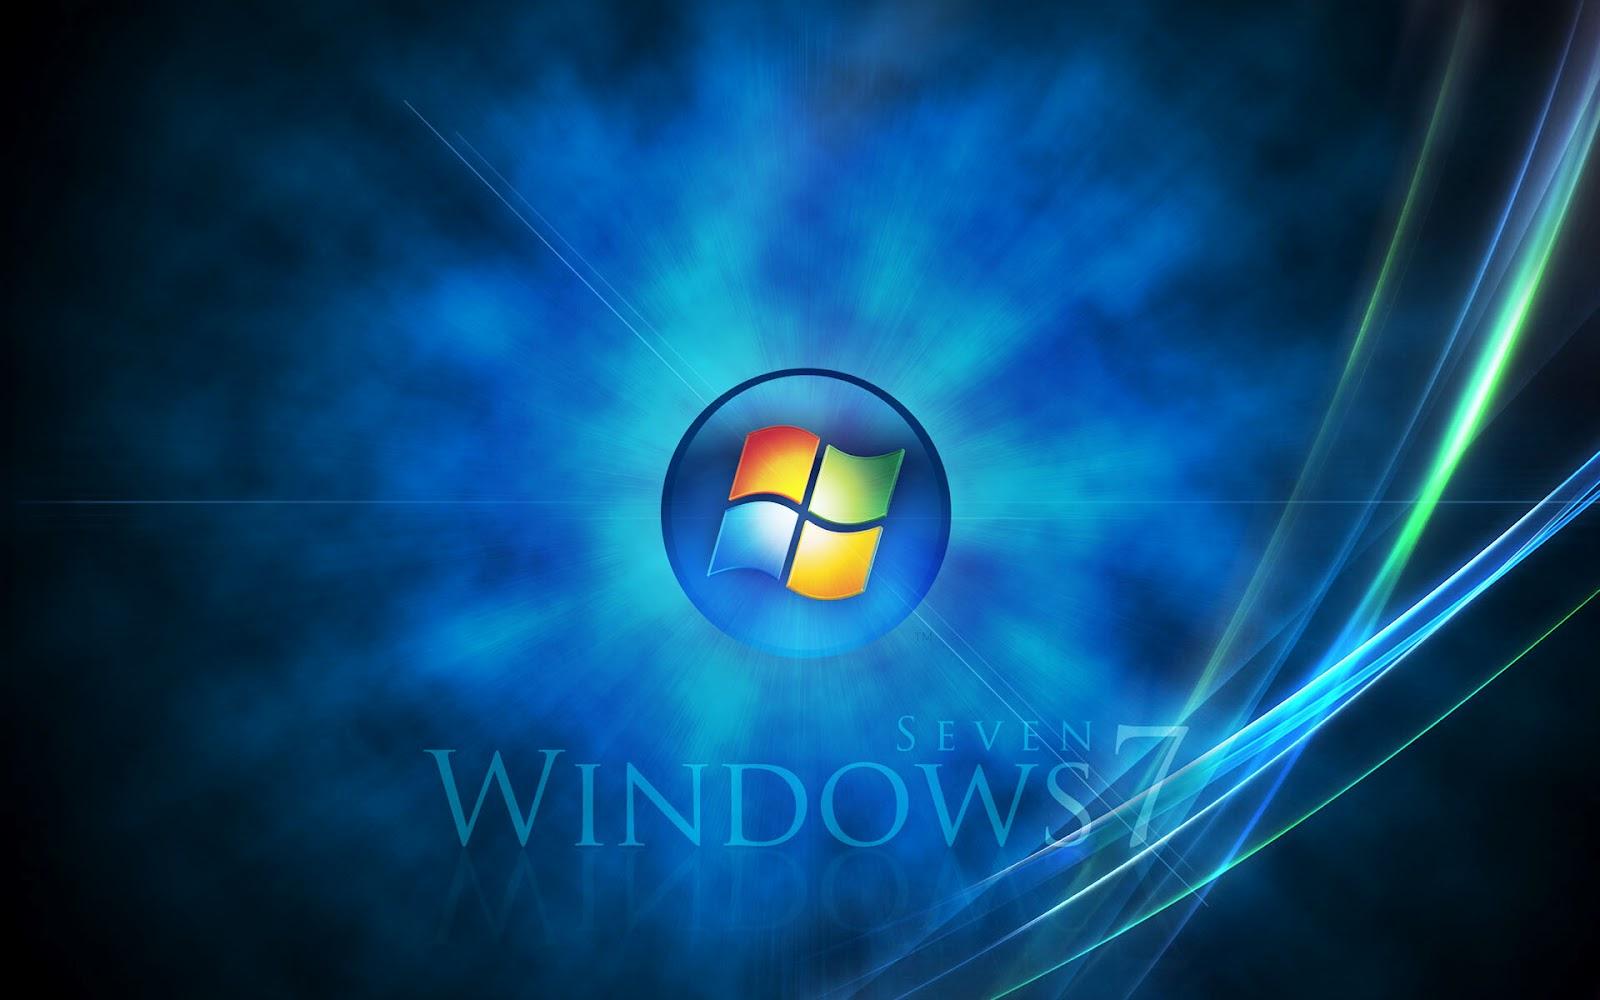 free animated desktop wallpaper windows 7   wwwwallpapers in hdcom 1600x1000